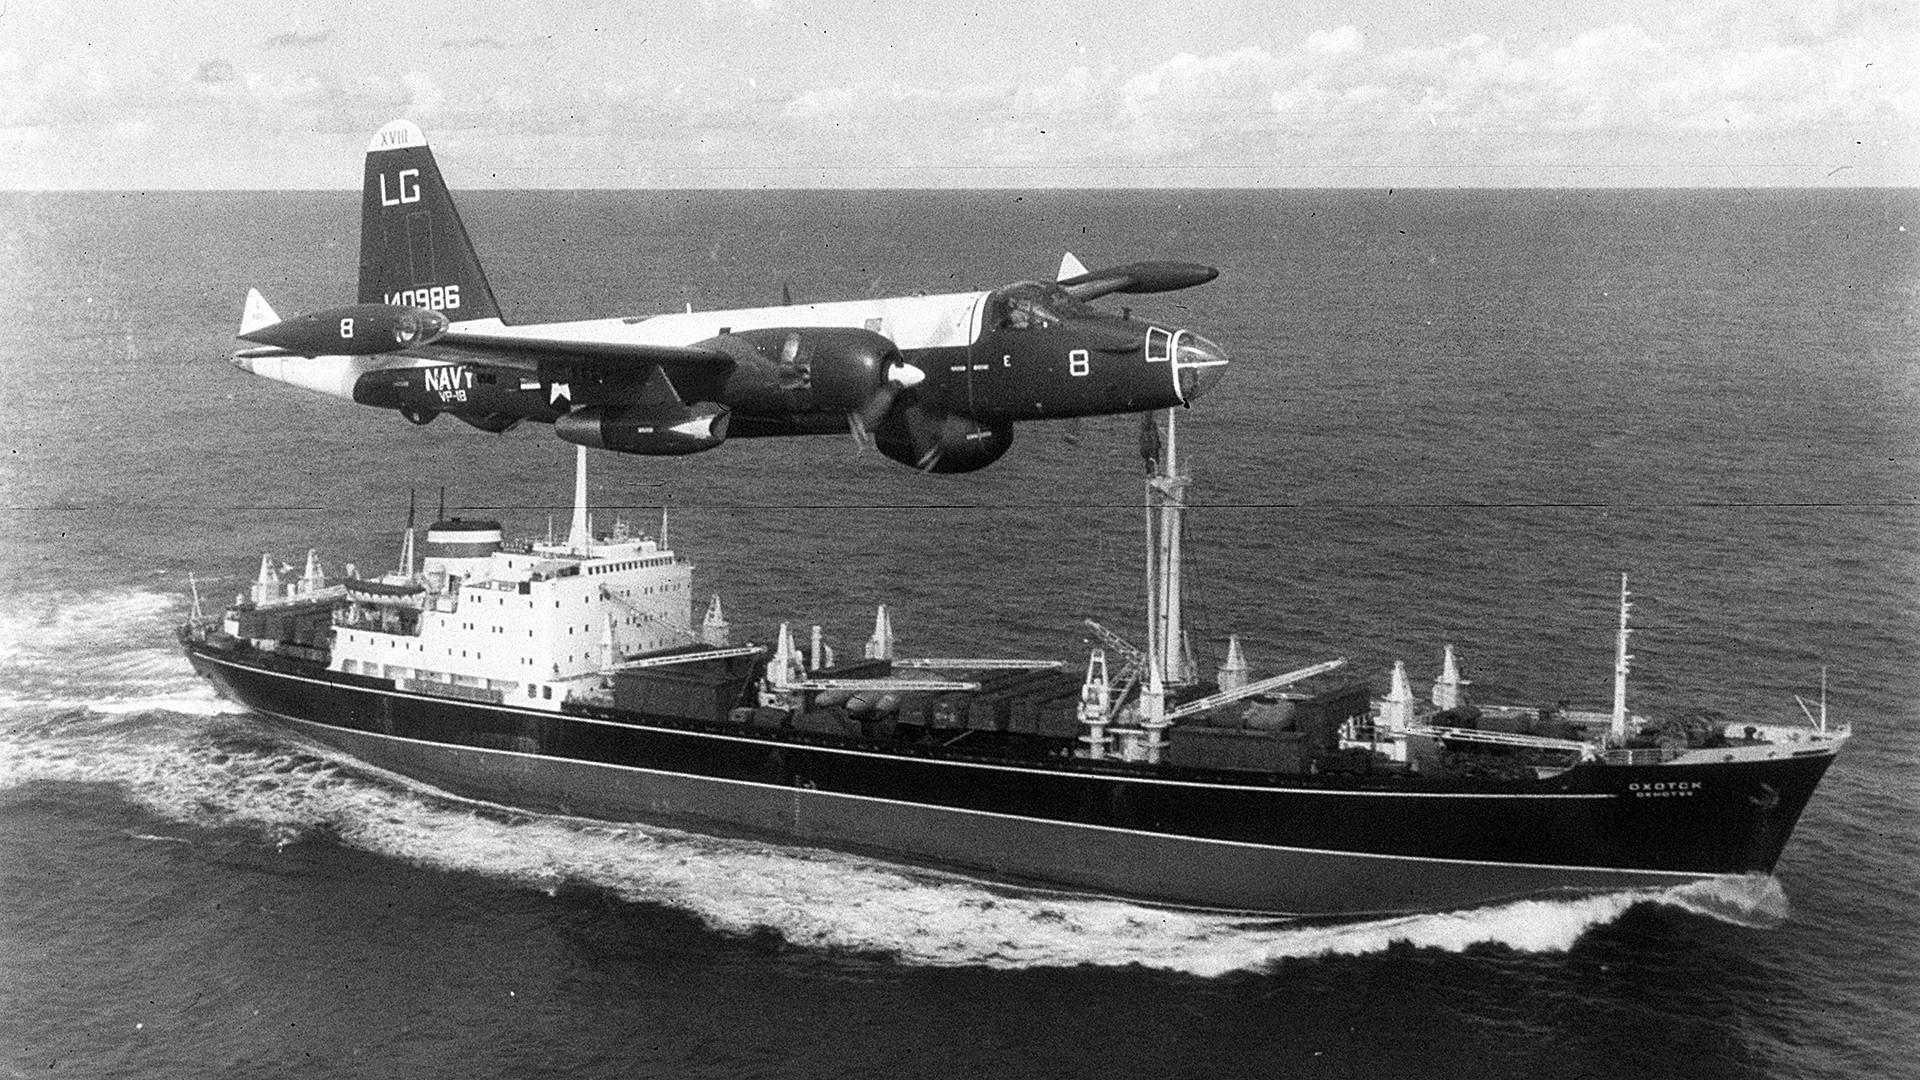 Un avion américain survole un navire soviétique pendant la crise des missiles de Cuba.